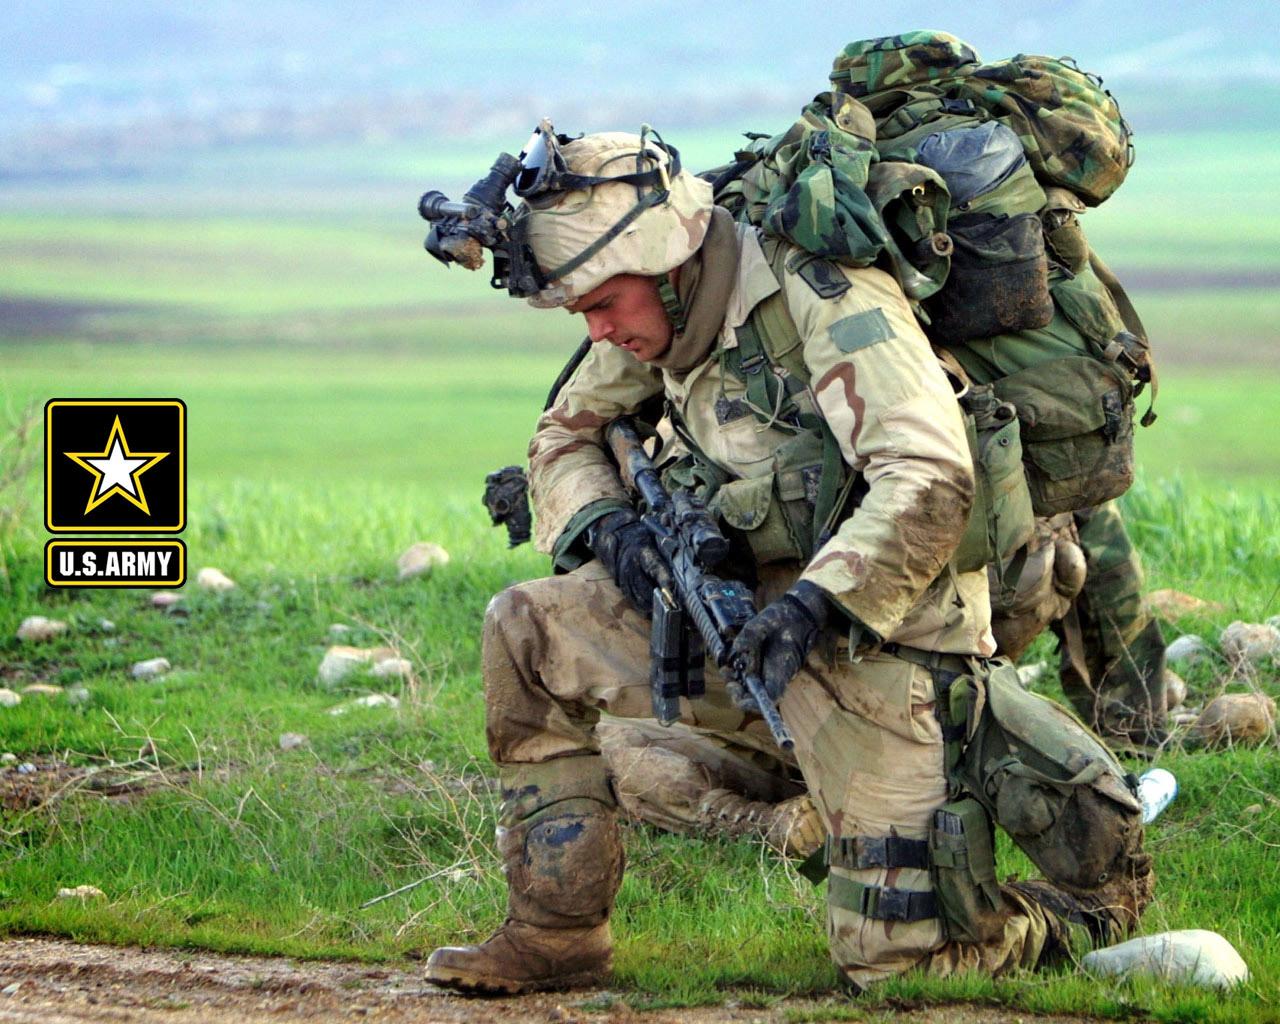 http://1.bp.blogspot.com/-1ab9MvuxY00/T1L3l188kAI/AAAAAAAAQ2s/aHsmws2Yg6w/s1600/US+Army+Wallpaper.jpg